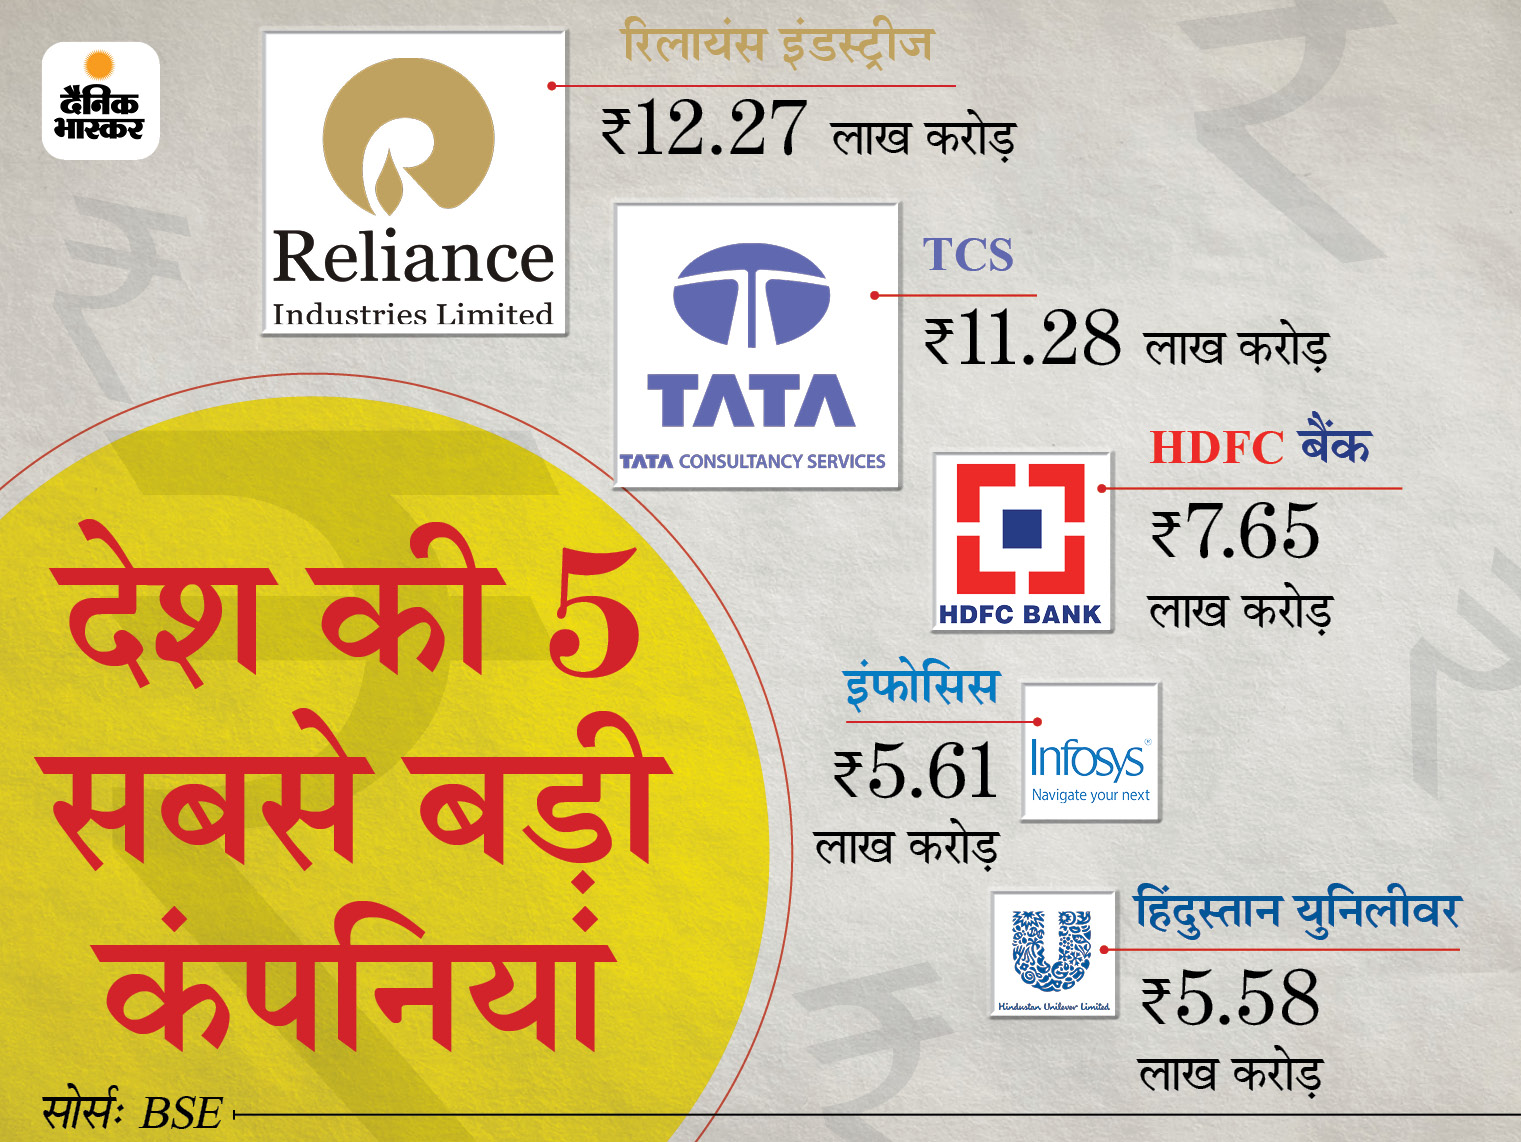 देश की टॉप-10 सबसे बड़ी कंपनियो में से 8 का मार्केट कैप 1.13 लाख करोड़ रुपए घटा; TCS, इंफोसिस और HDFC बैंक को भारी नुकसान|बिजनेस,Business - Dainik Bhaskar